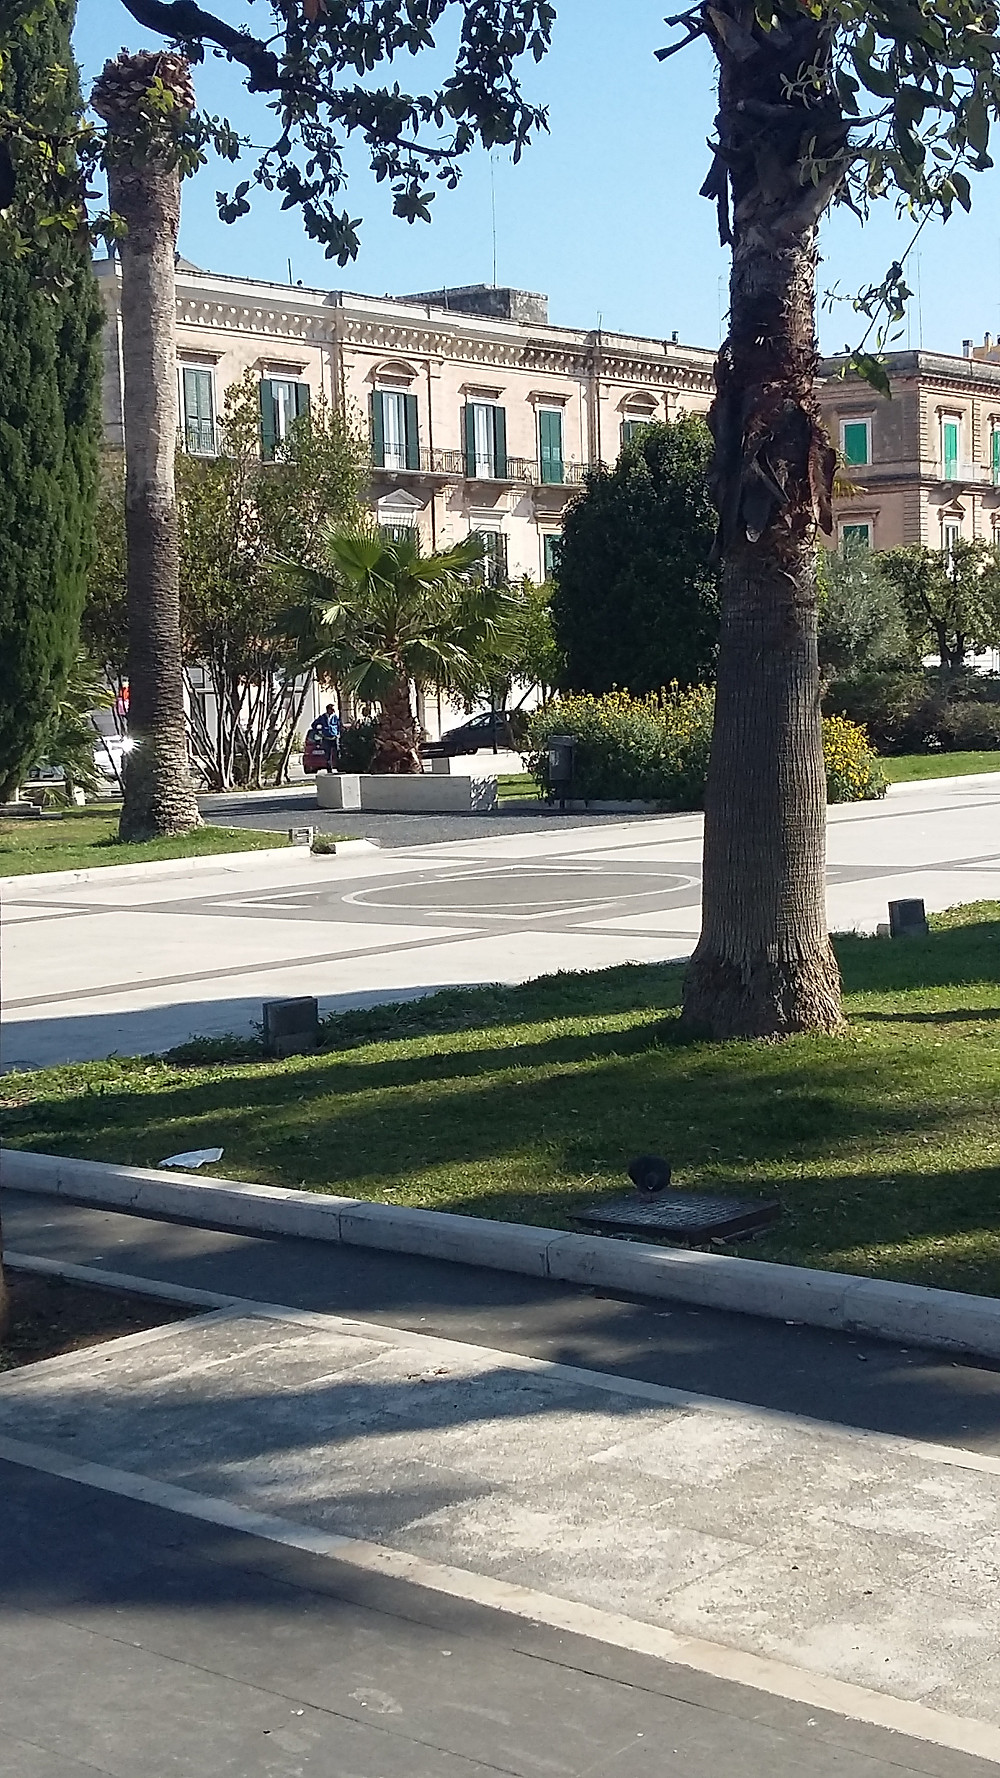 #bisceglie #villa #passeggio